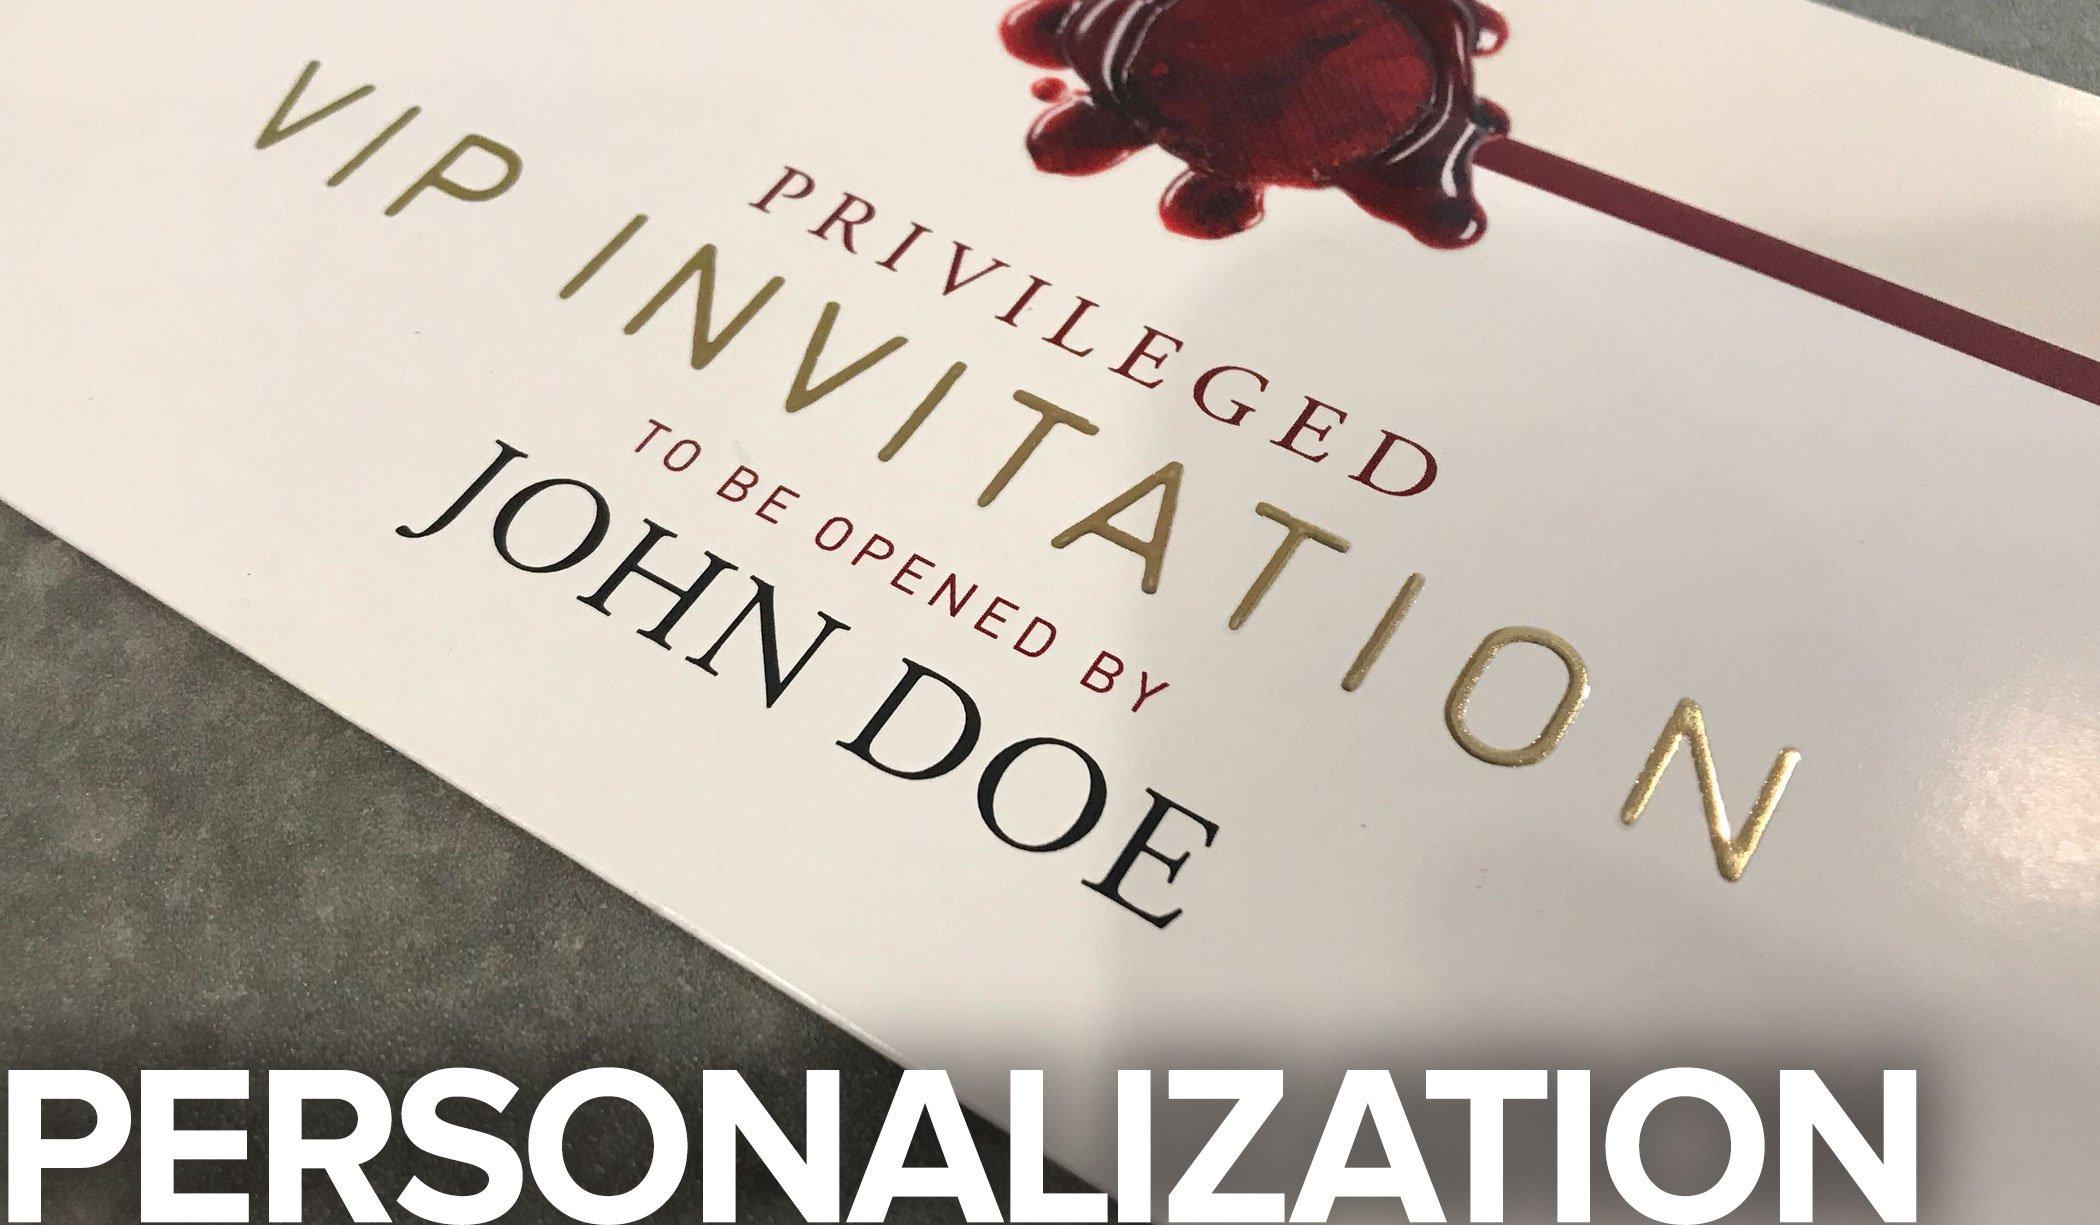 DMio_personalization